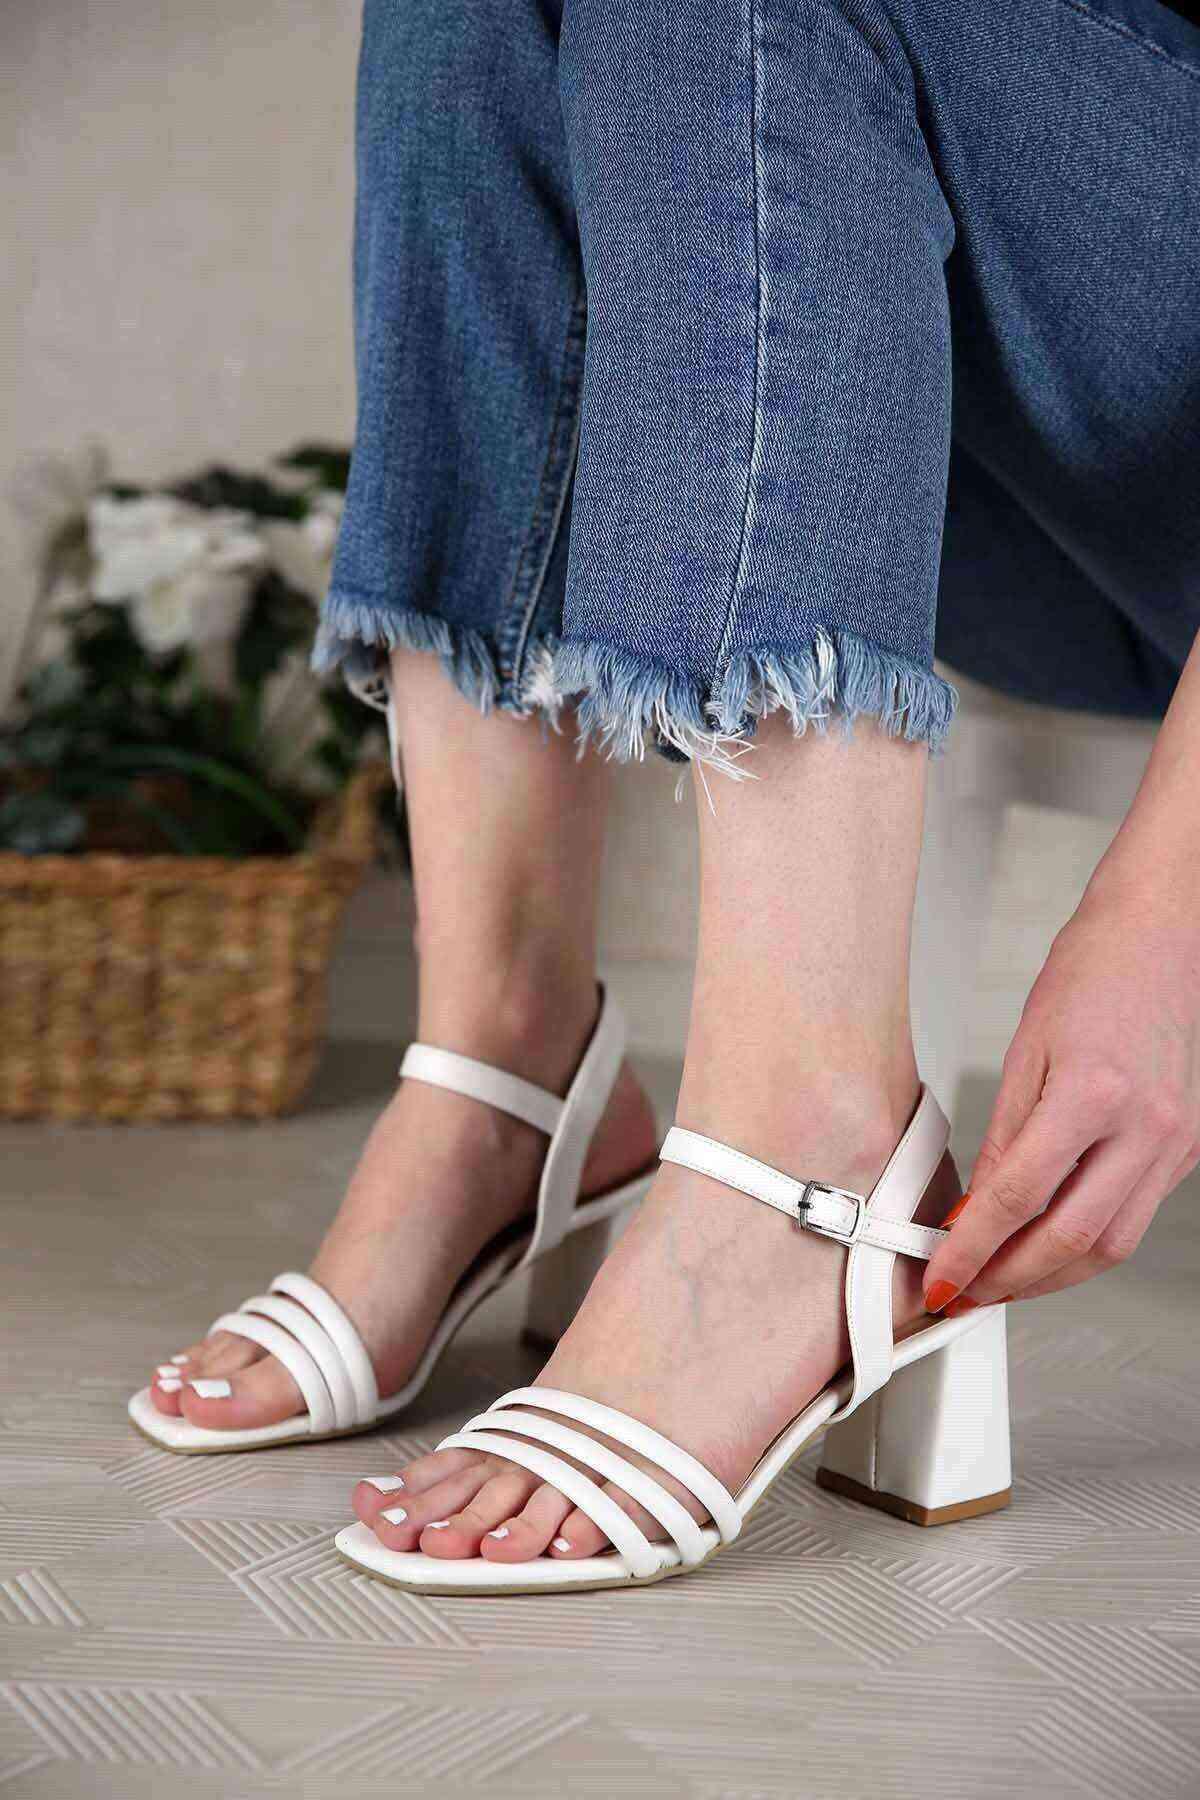 Beyaz 3 Bant Bilekten Bağlı Kadın Topuklu Ayakkabı